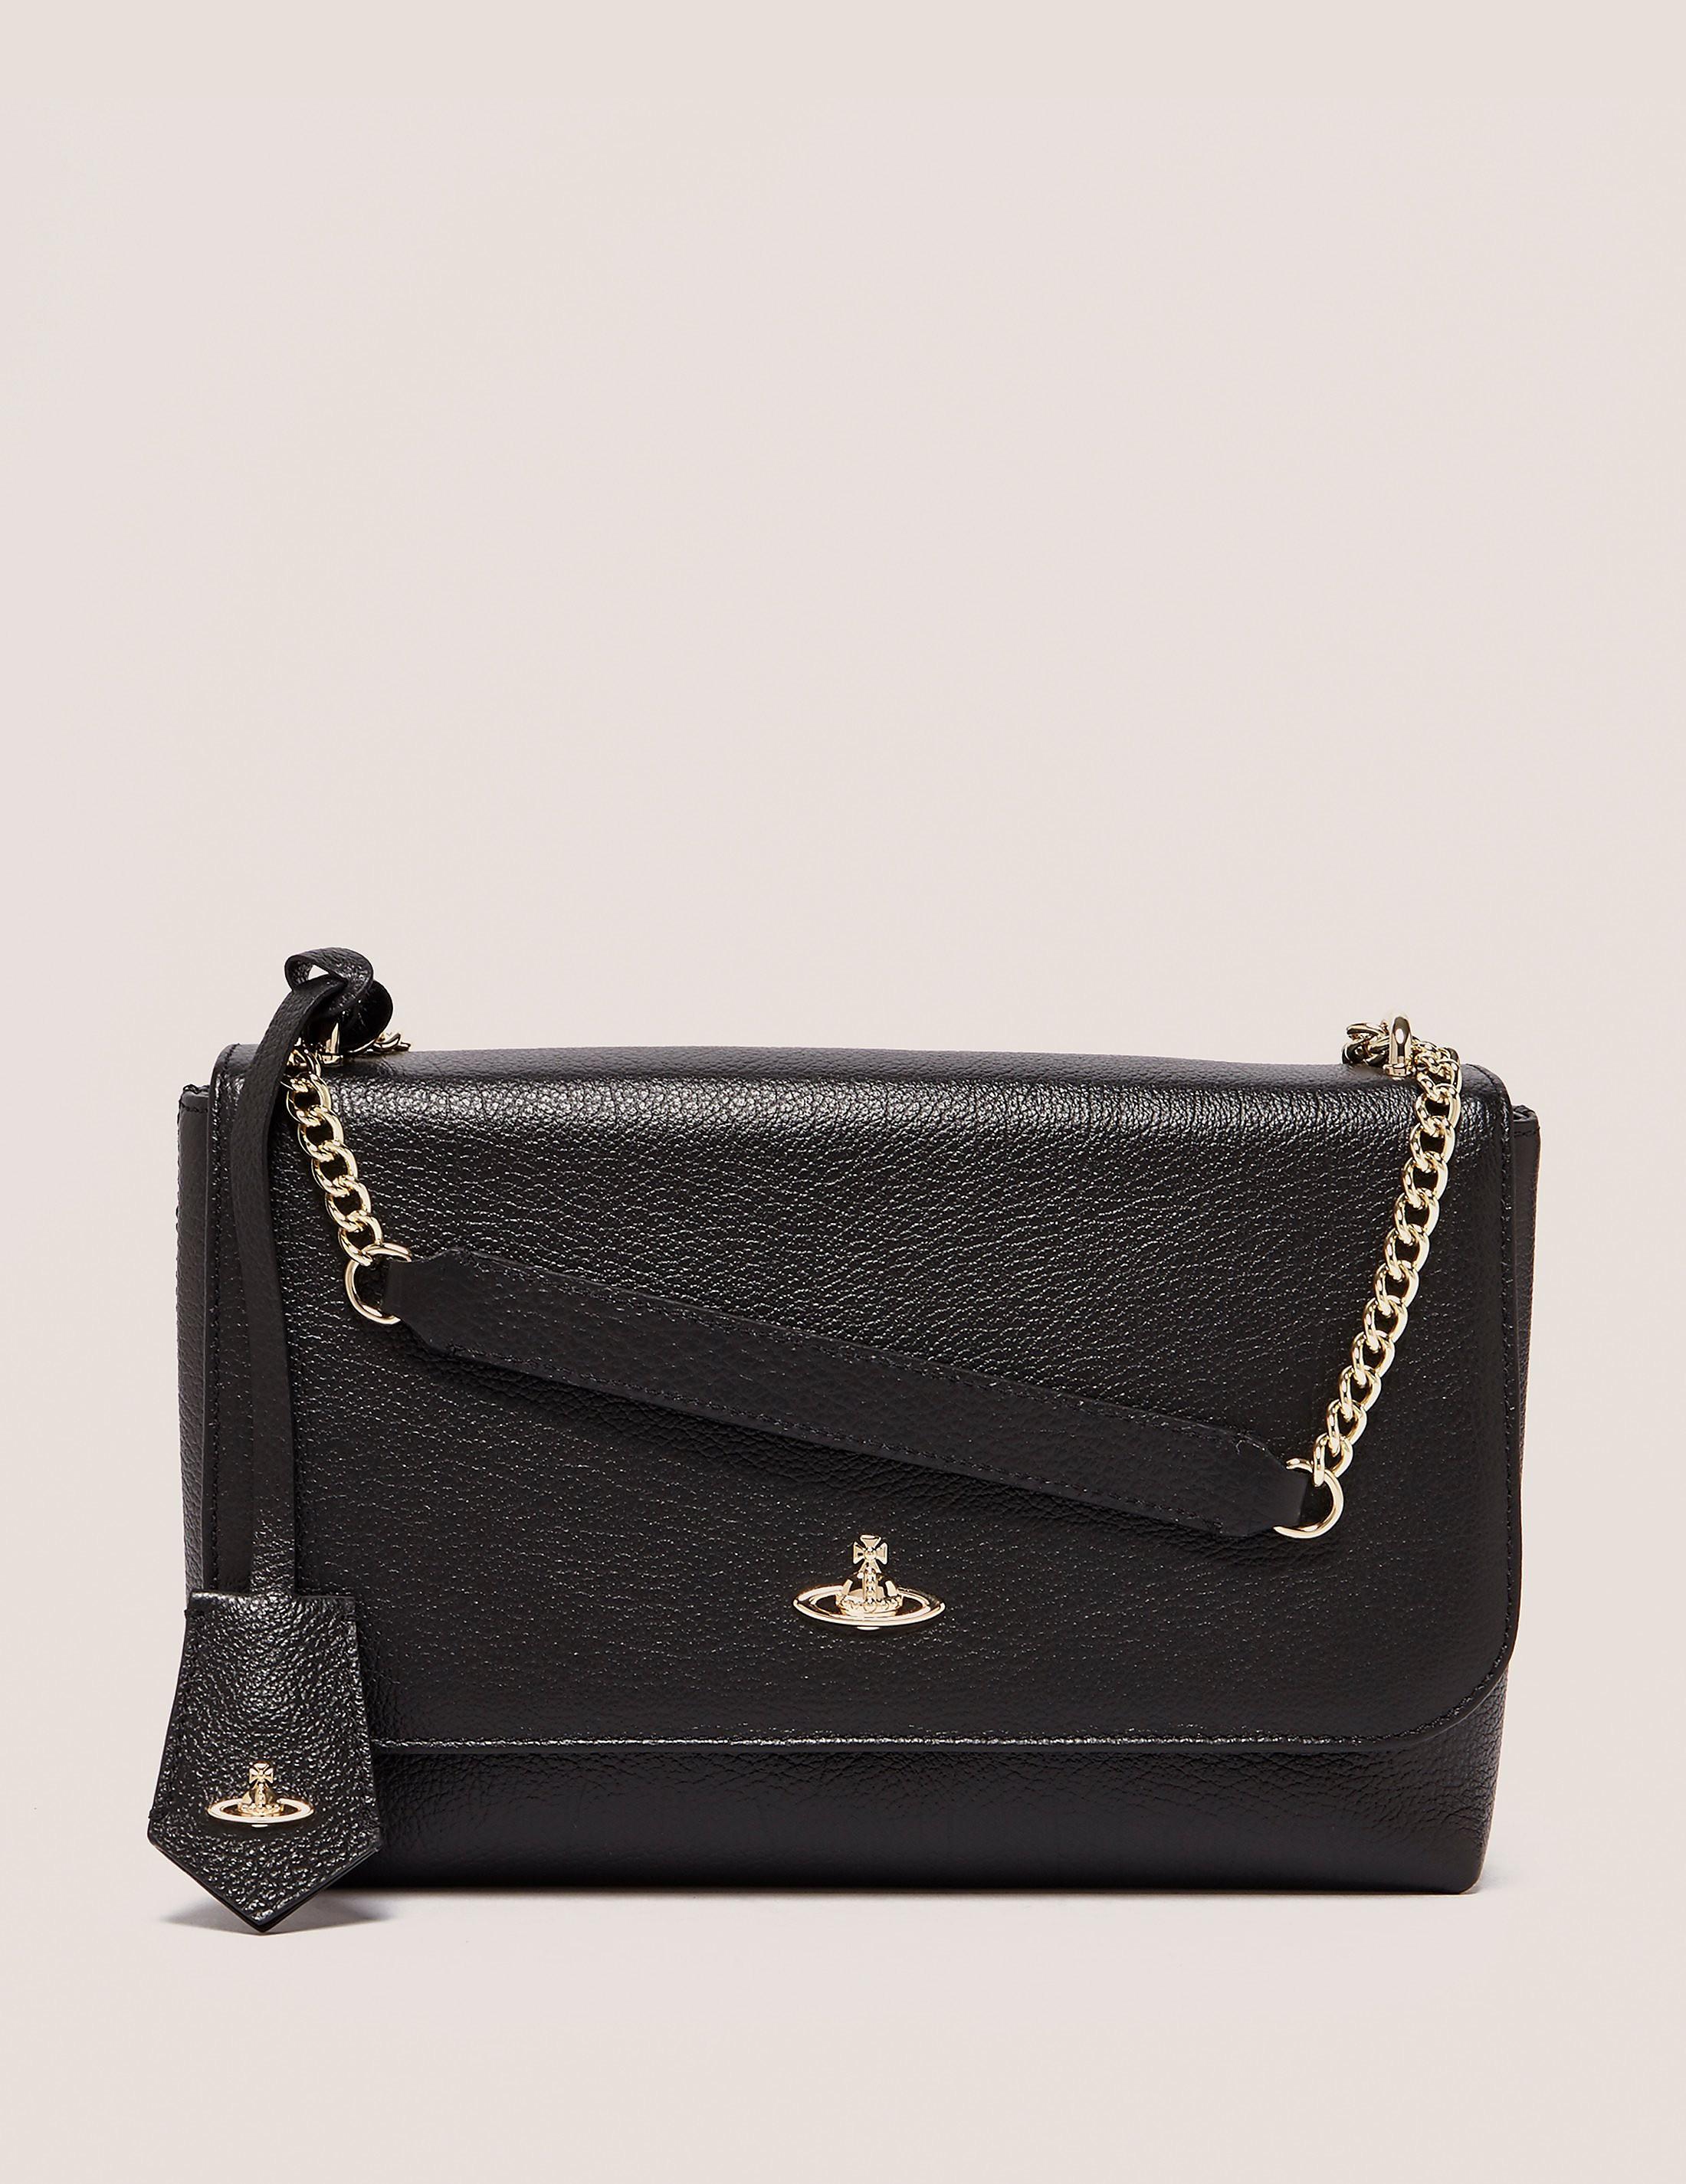 Vivienne Westwood Balmoral Shoulder Bag